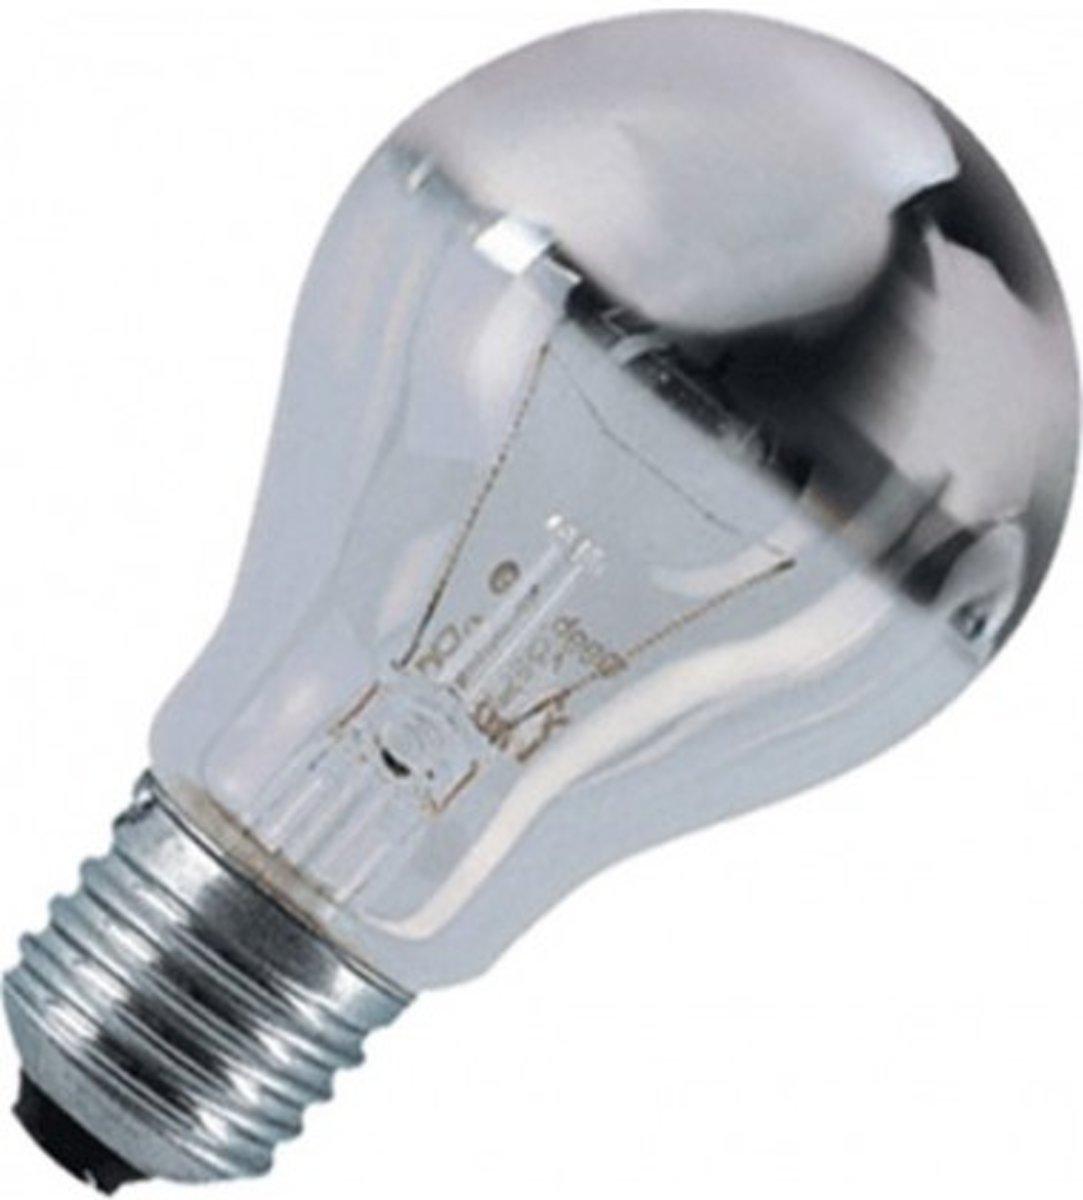 Osram kopspiegel gloeilamp helder 60 watt zilver kopen